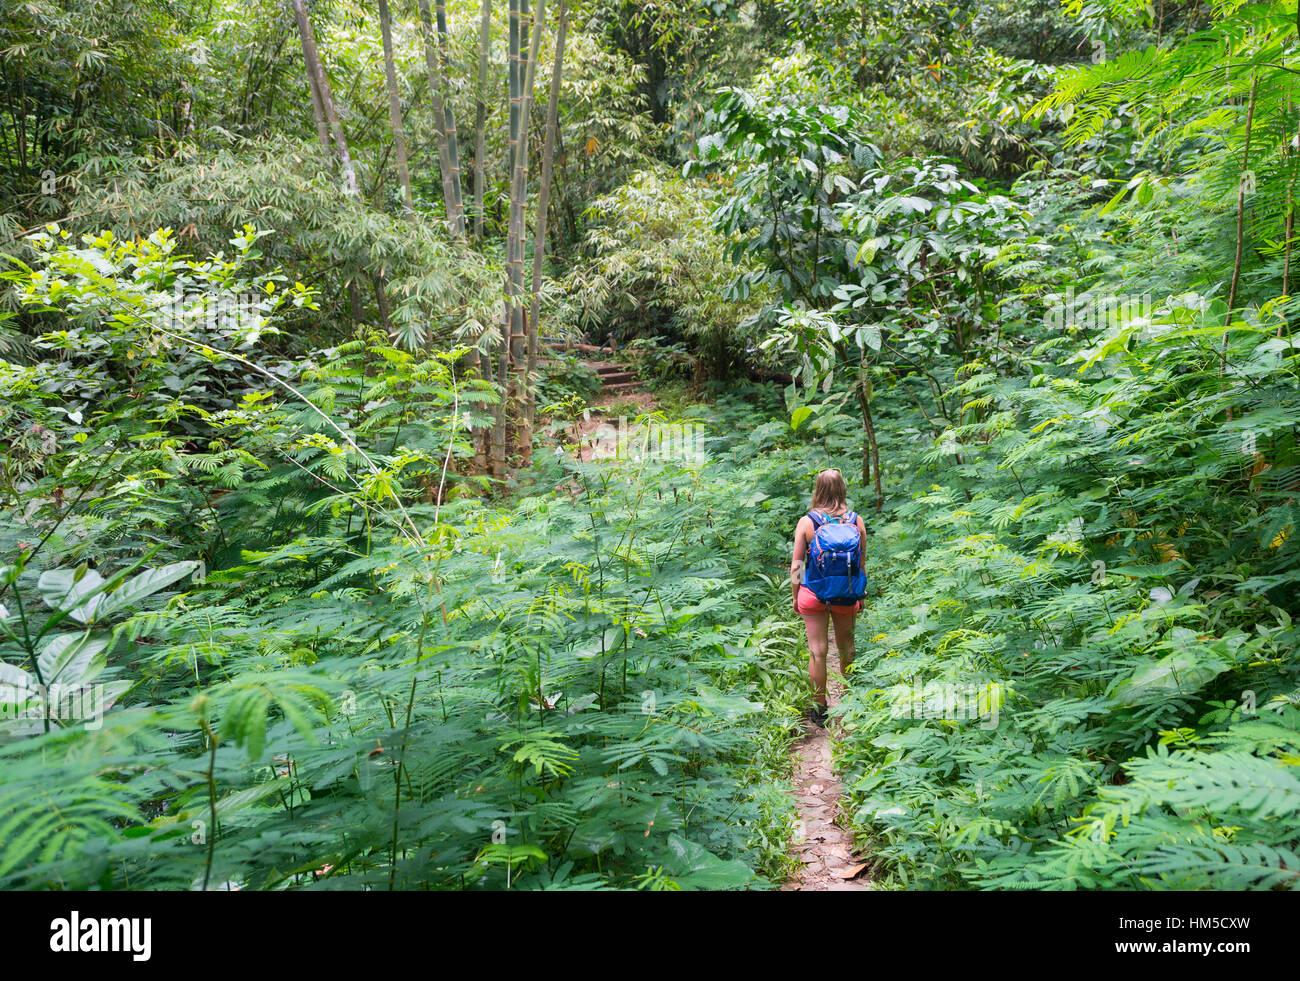 Wanderer zu Fuß auf Weg durch Dichte Vegetation, Munduk, Bali, Indonesien Stockbild